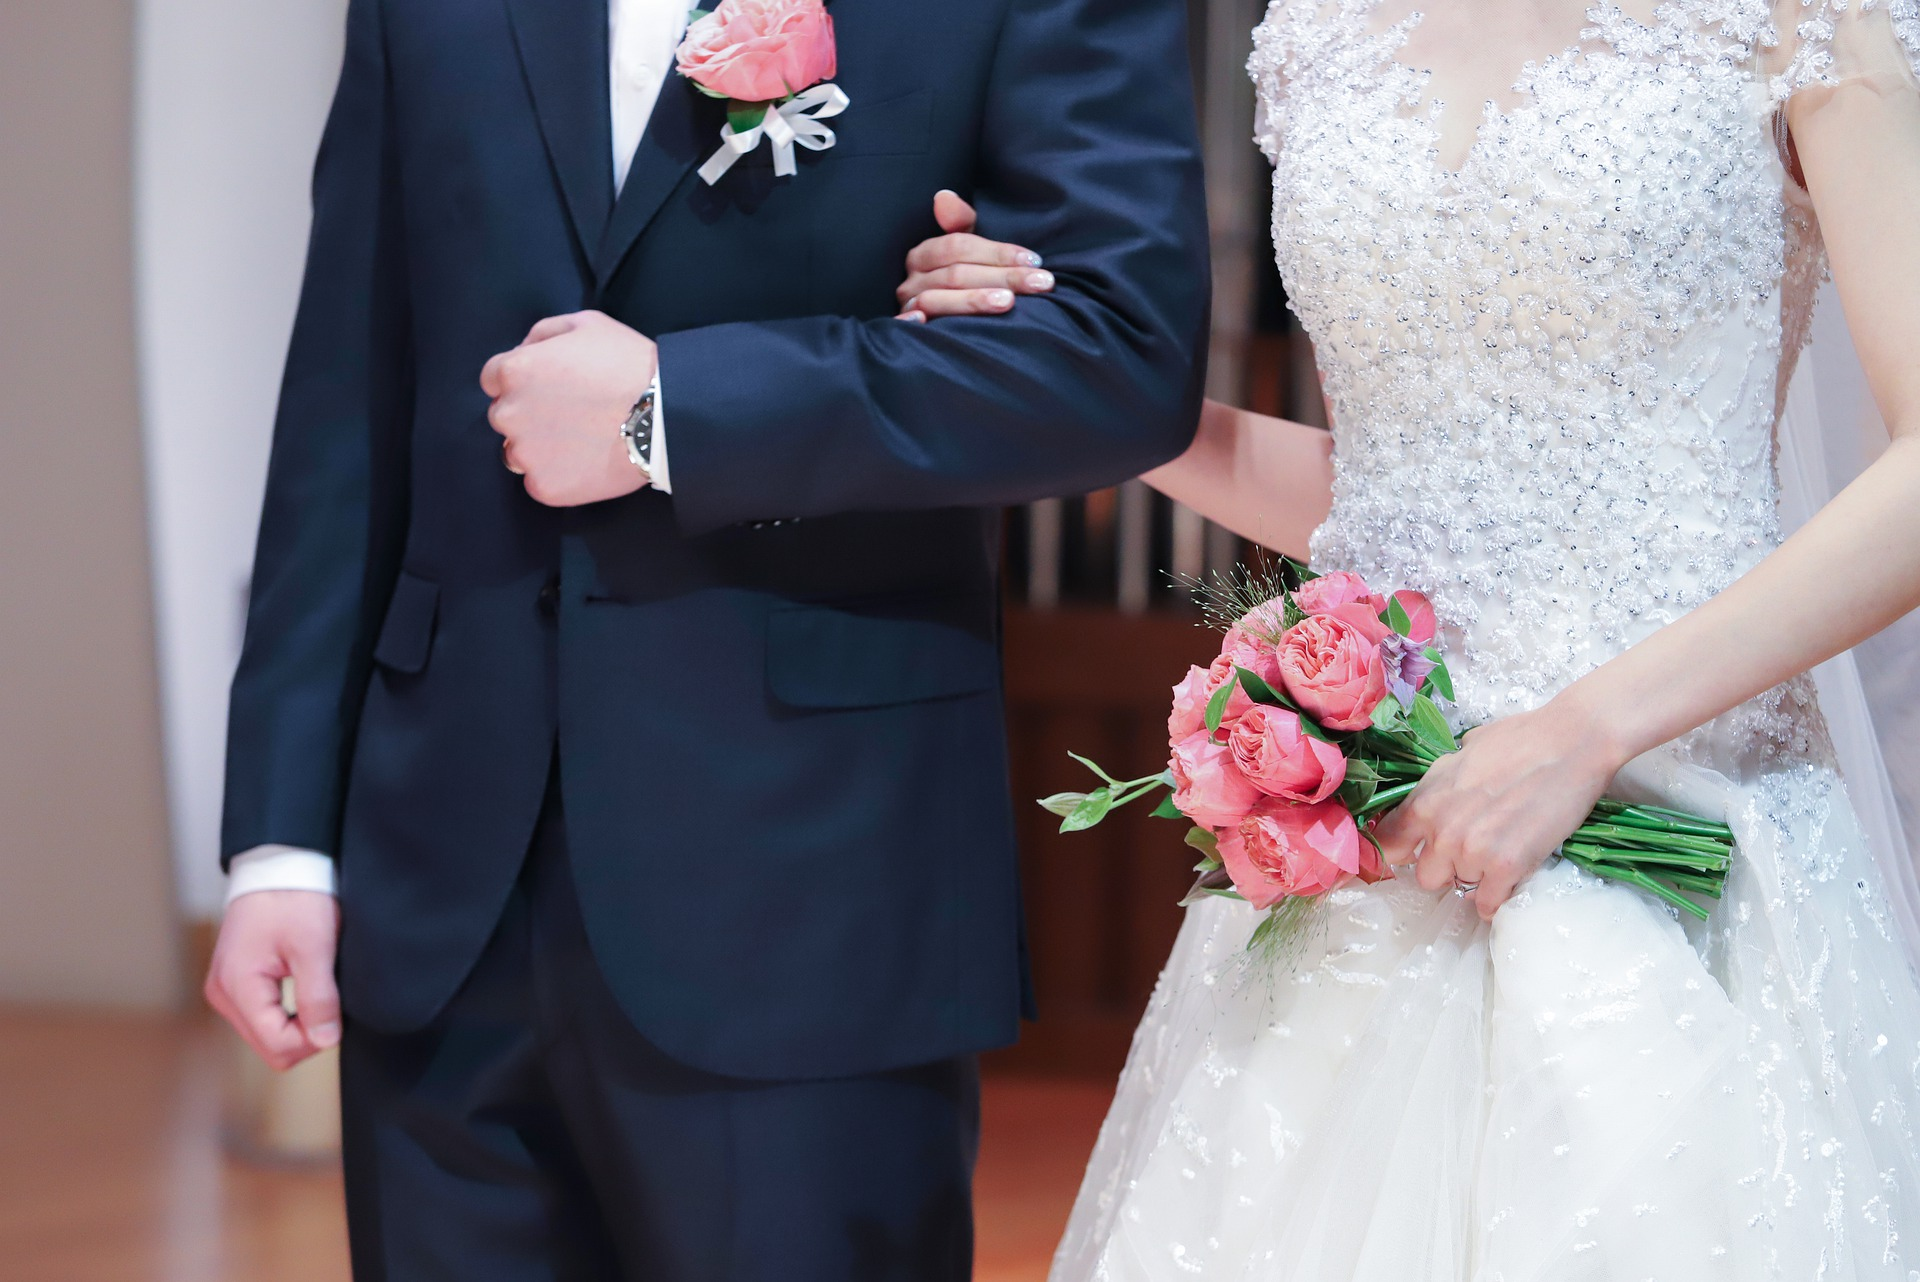 渋谷でおすすめの結婚相談所と効果的に使う方法まとめ